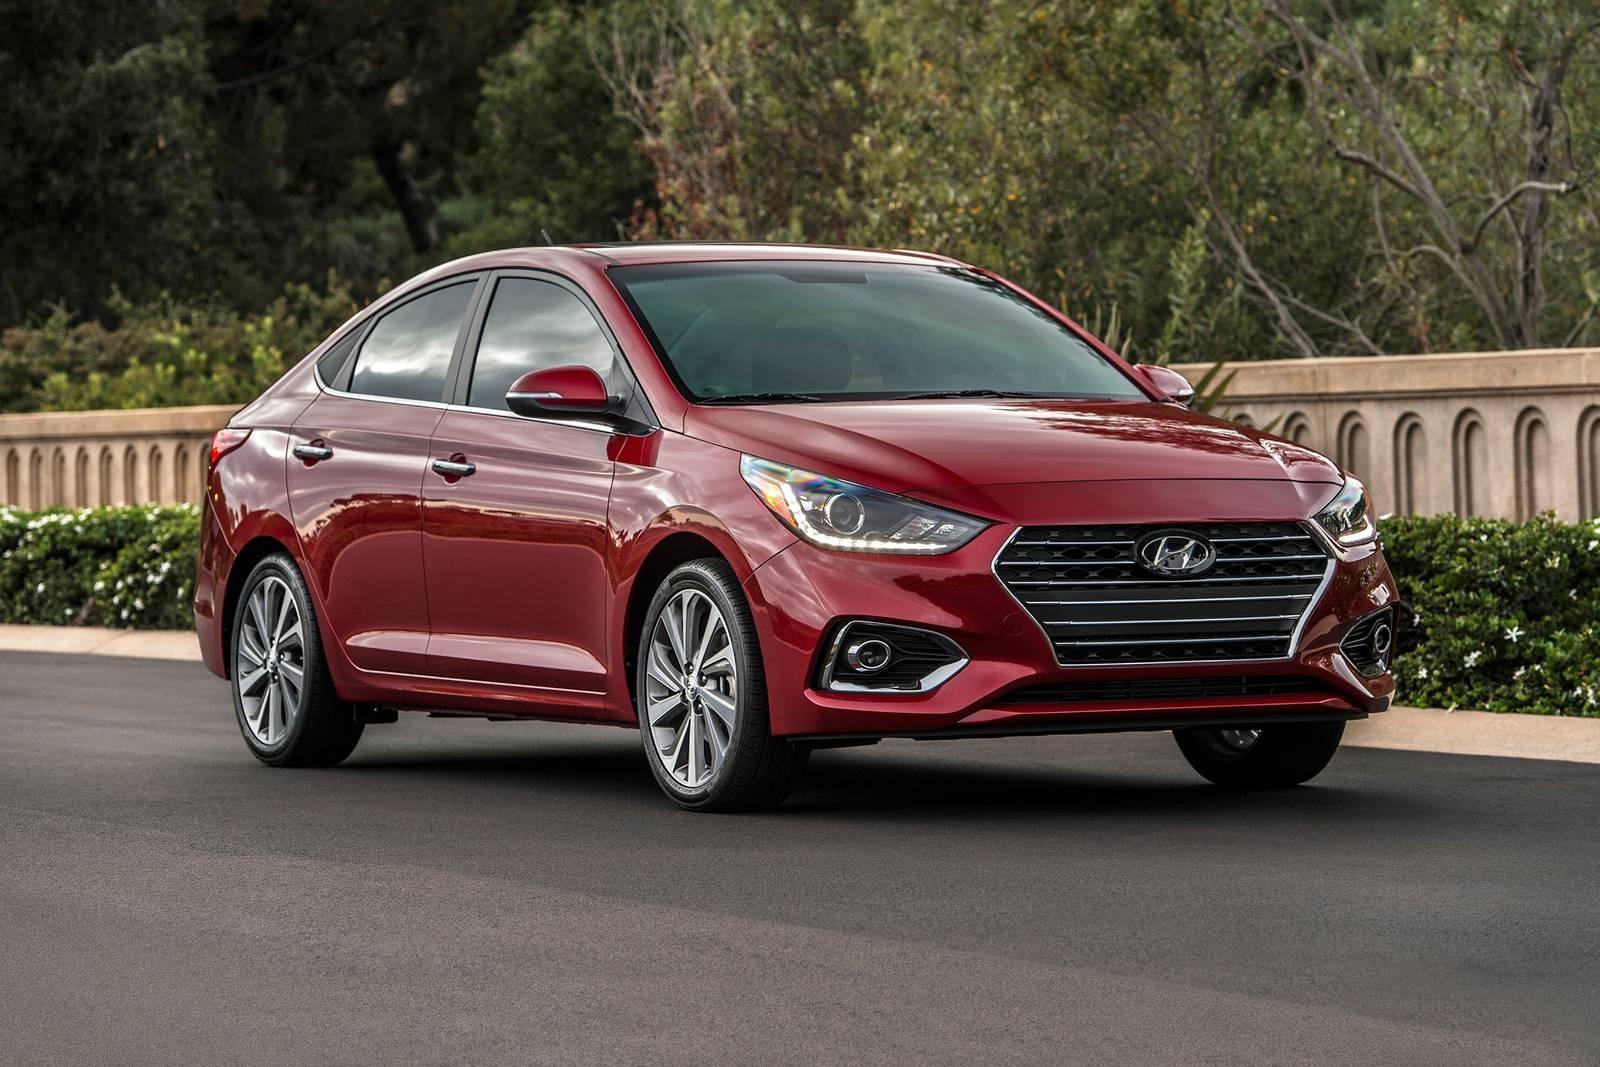 Phân khúc sedan hạng B thay máu, lần này là Hyundai Accent 2021.